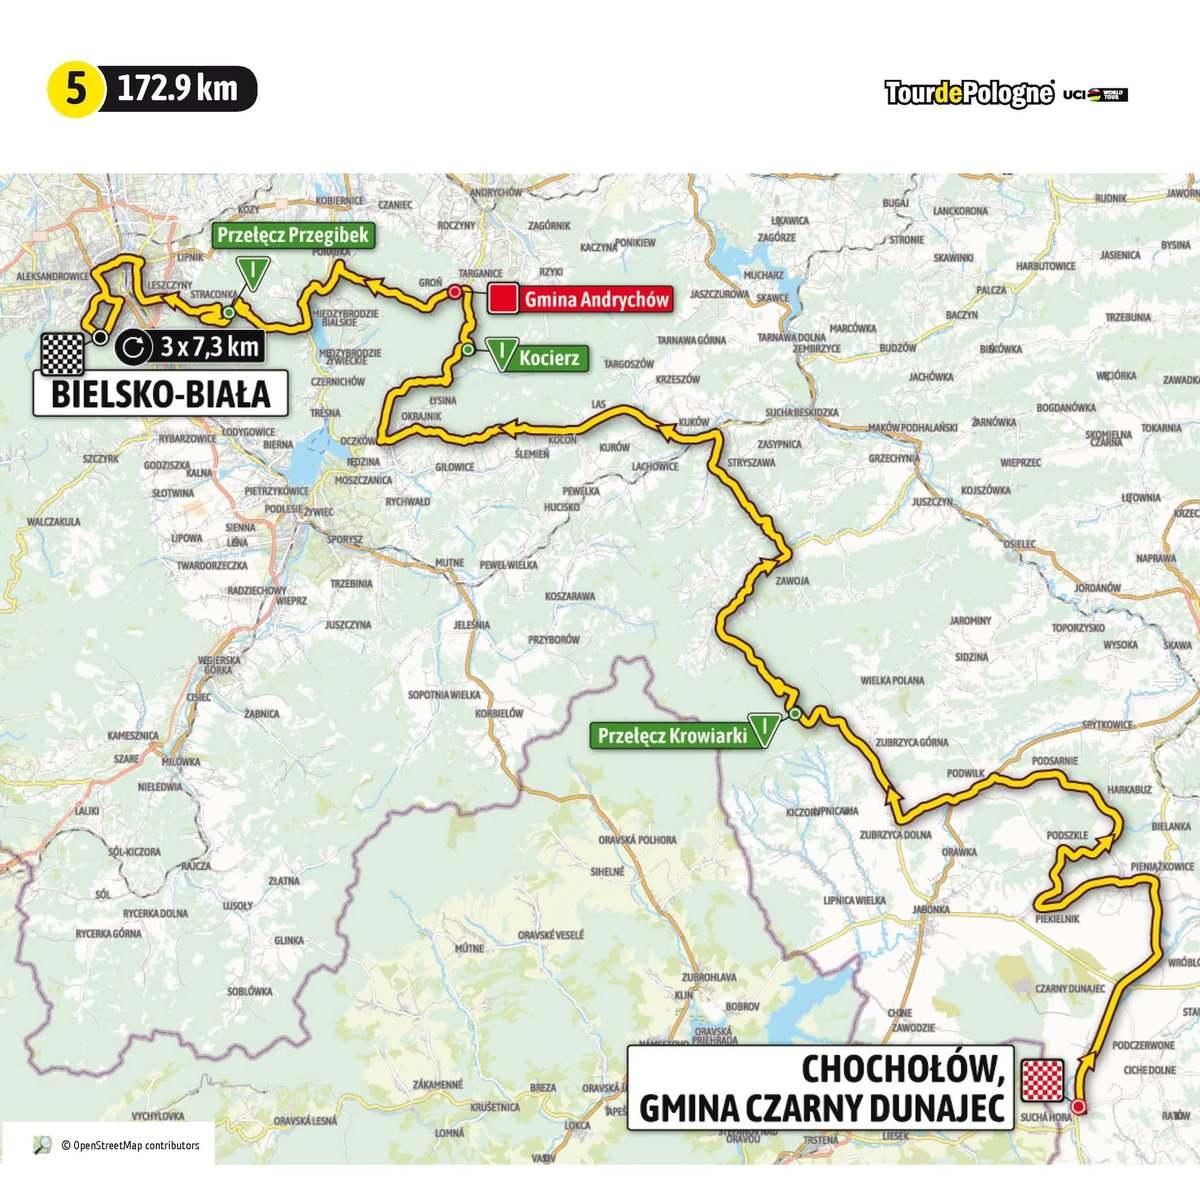 W piątek przemknie wyścig Tour de Pologne. Podajemy czasy przejazdu [AKTUALIZACJA]